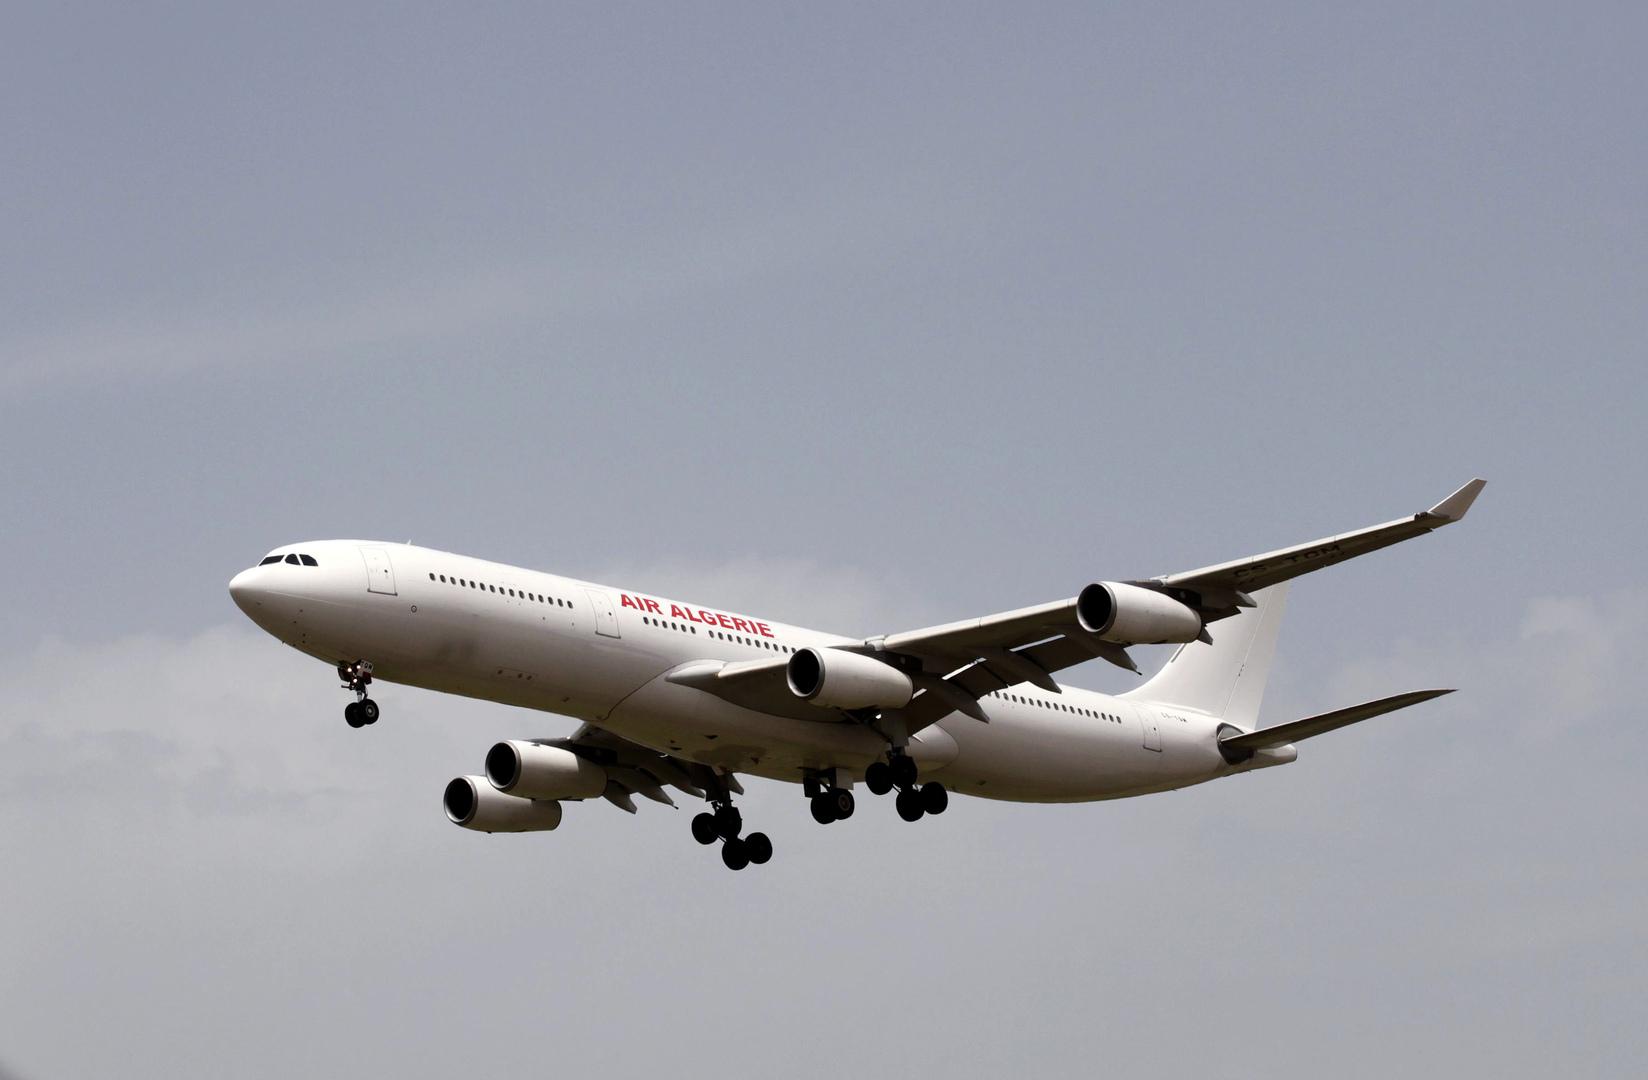 أنباء متضاربة عن استئناف الرحلات الجوية بين فرنسا والجزائر في 27 ديسمبر المقبل